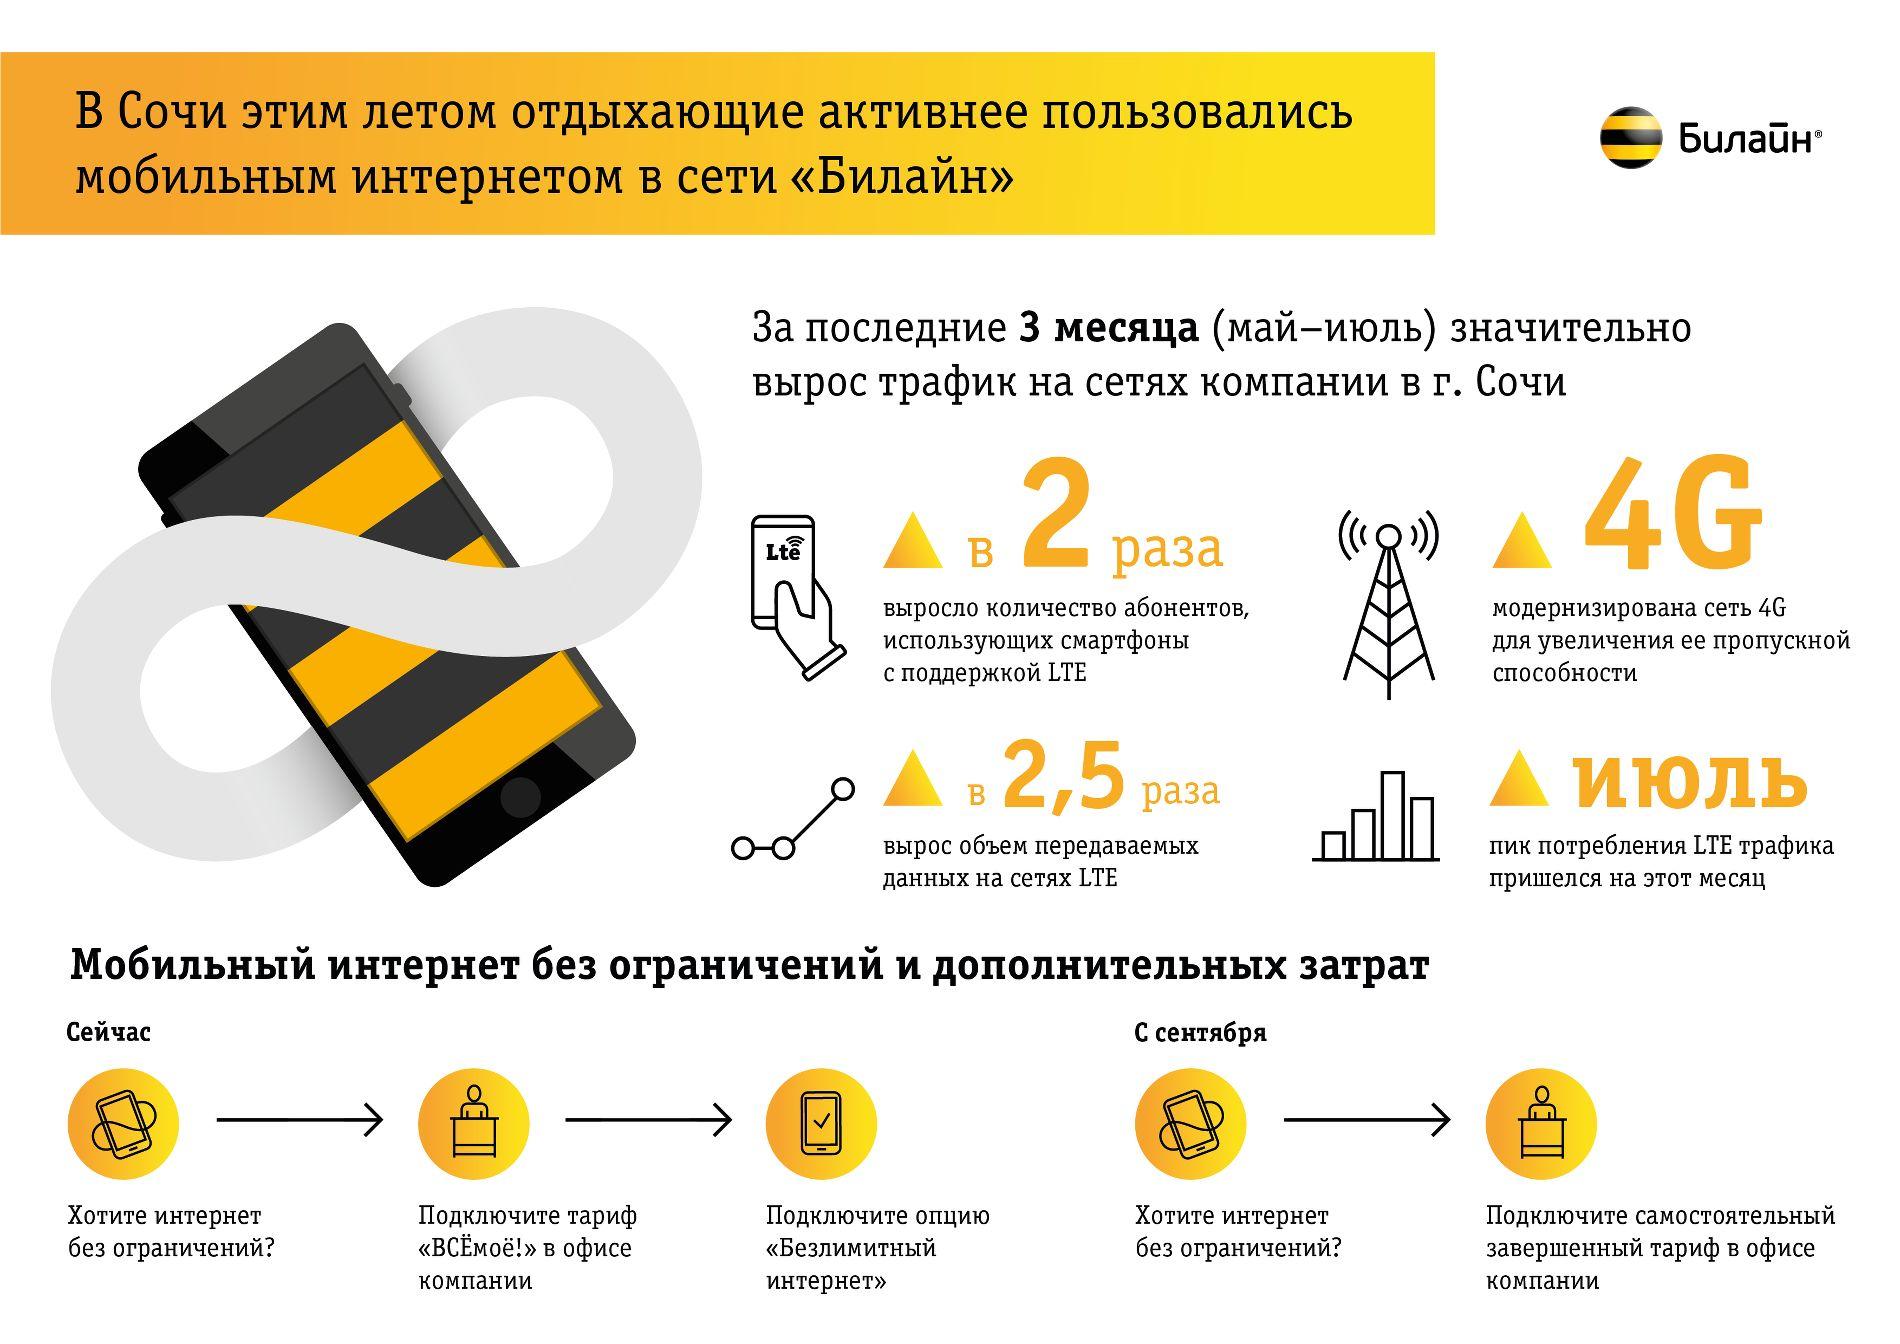 ©Графика пресс-службы компании «Билайн»